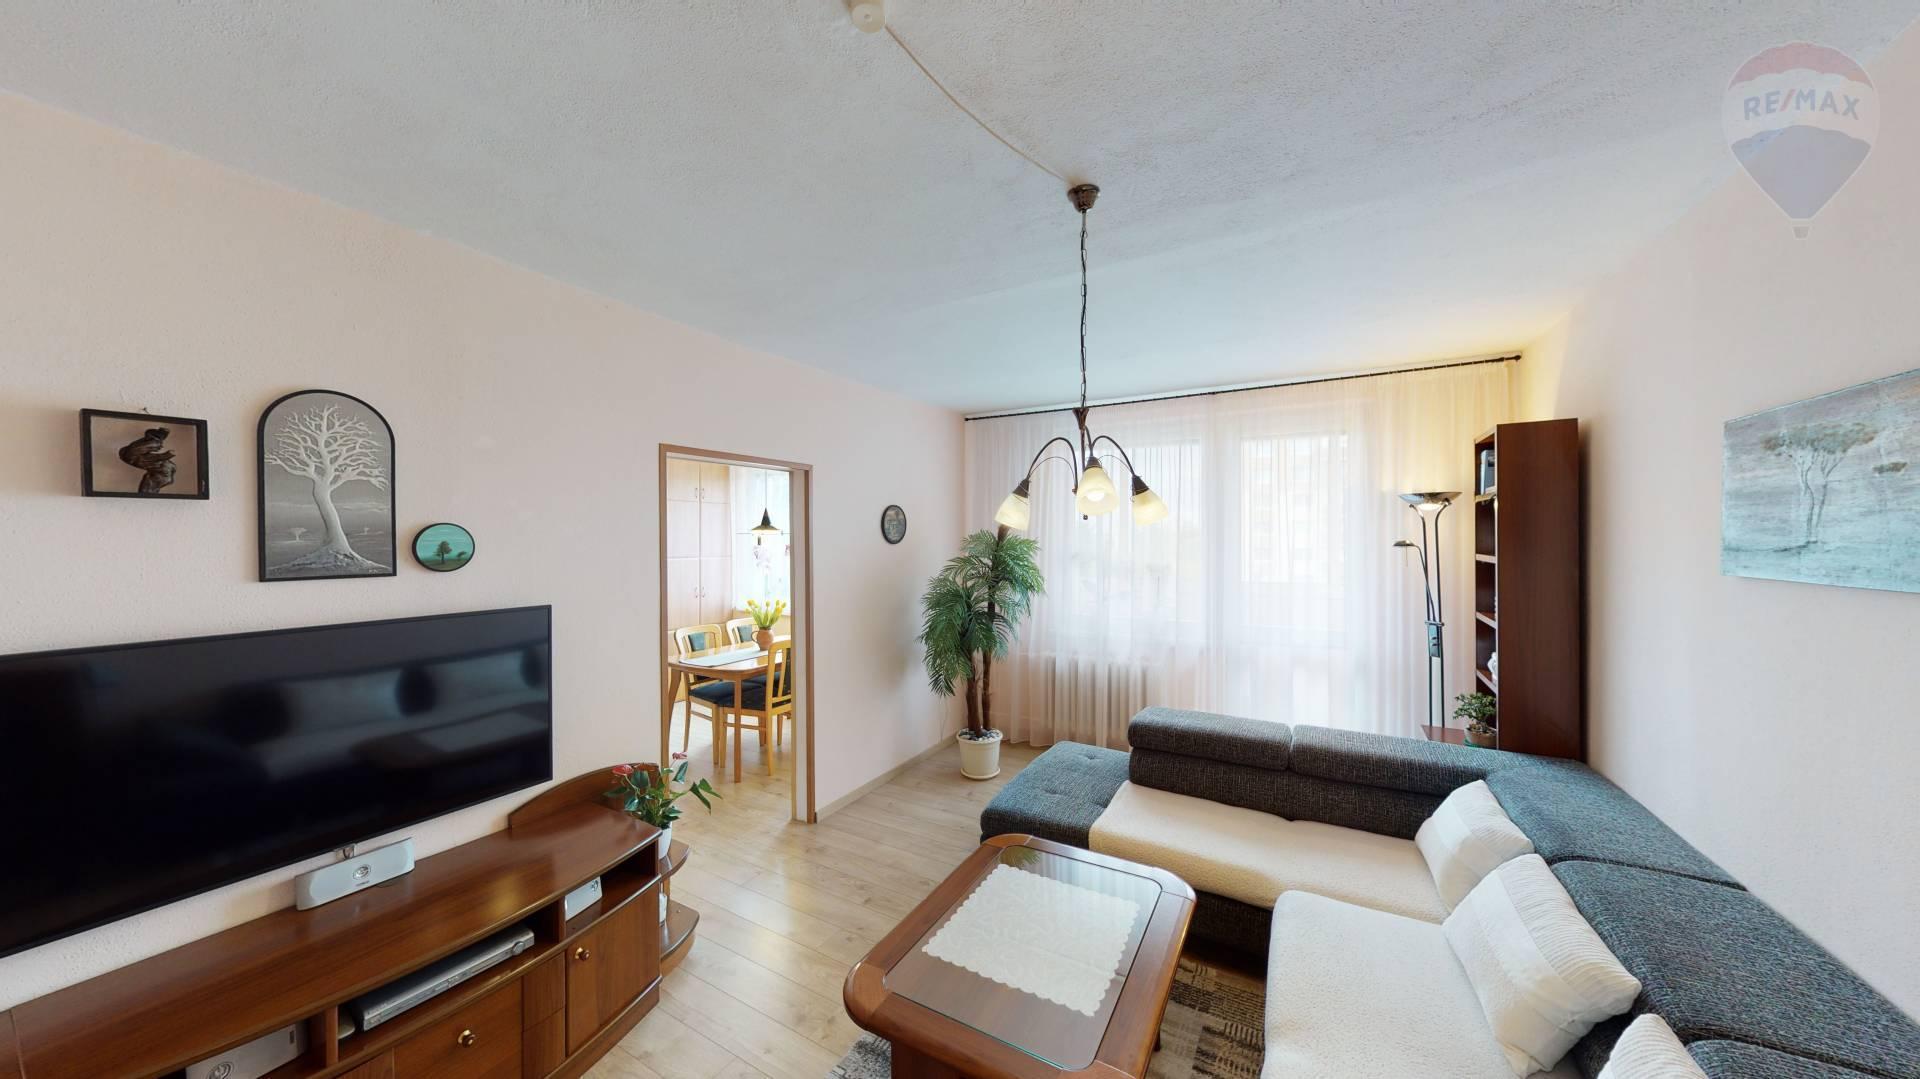 3 Izbový byt Skalica 75m2